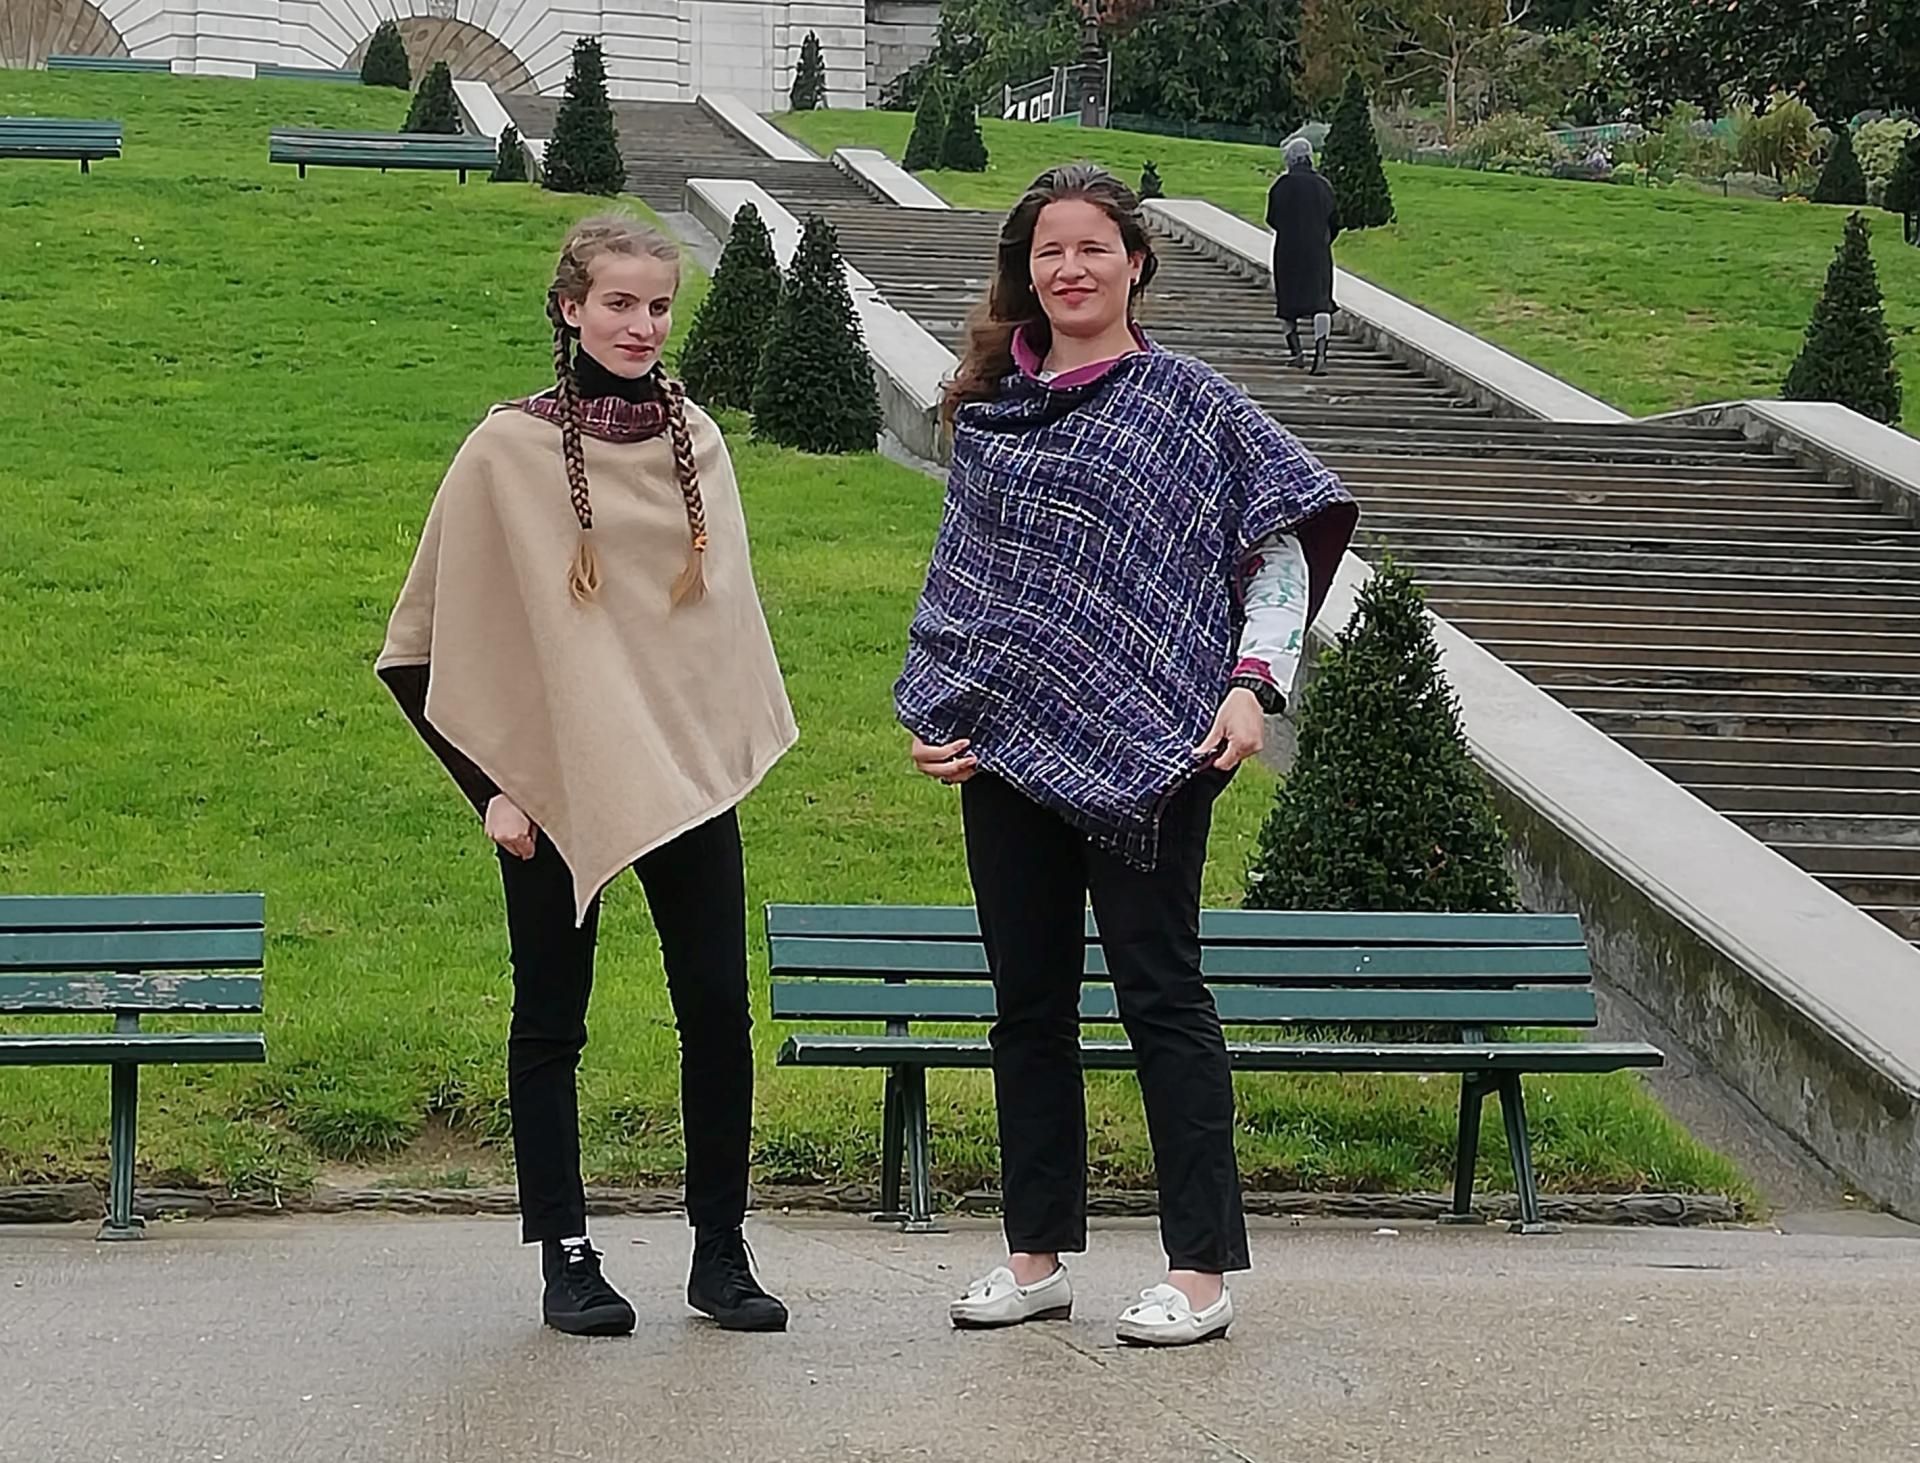 Poncho mesdames pour la collection automne hiver fifi au jardin i012